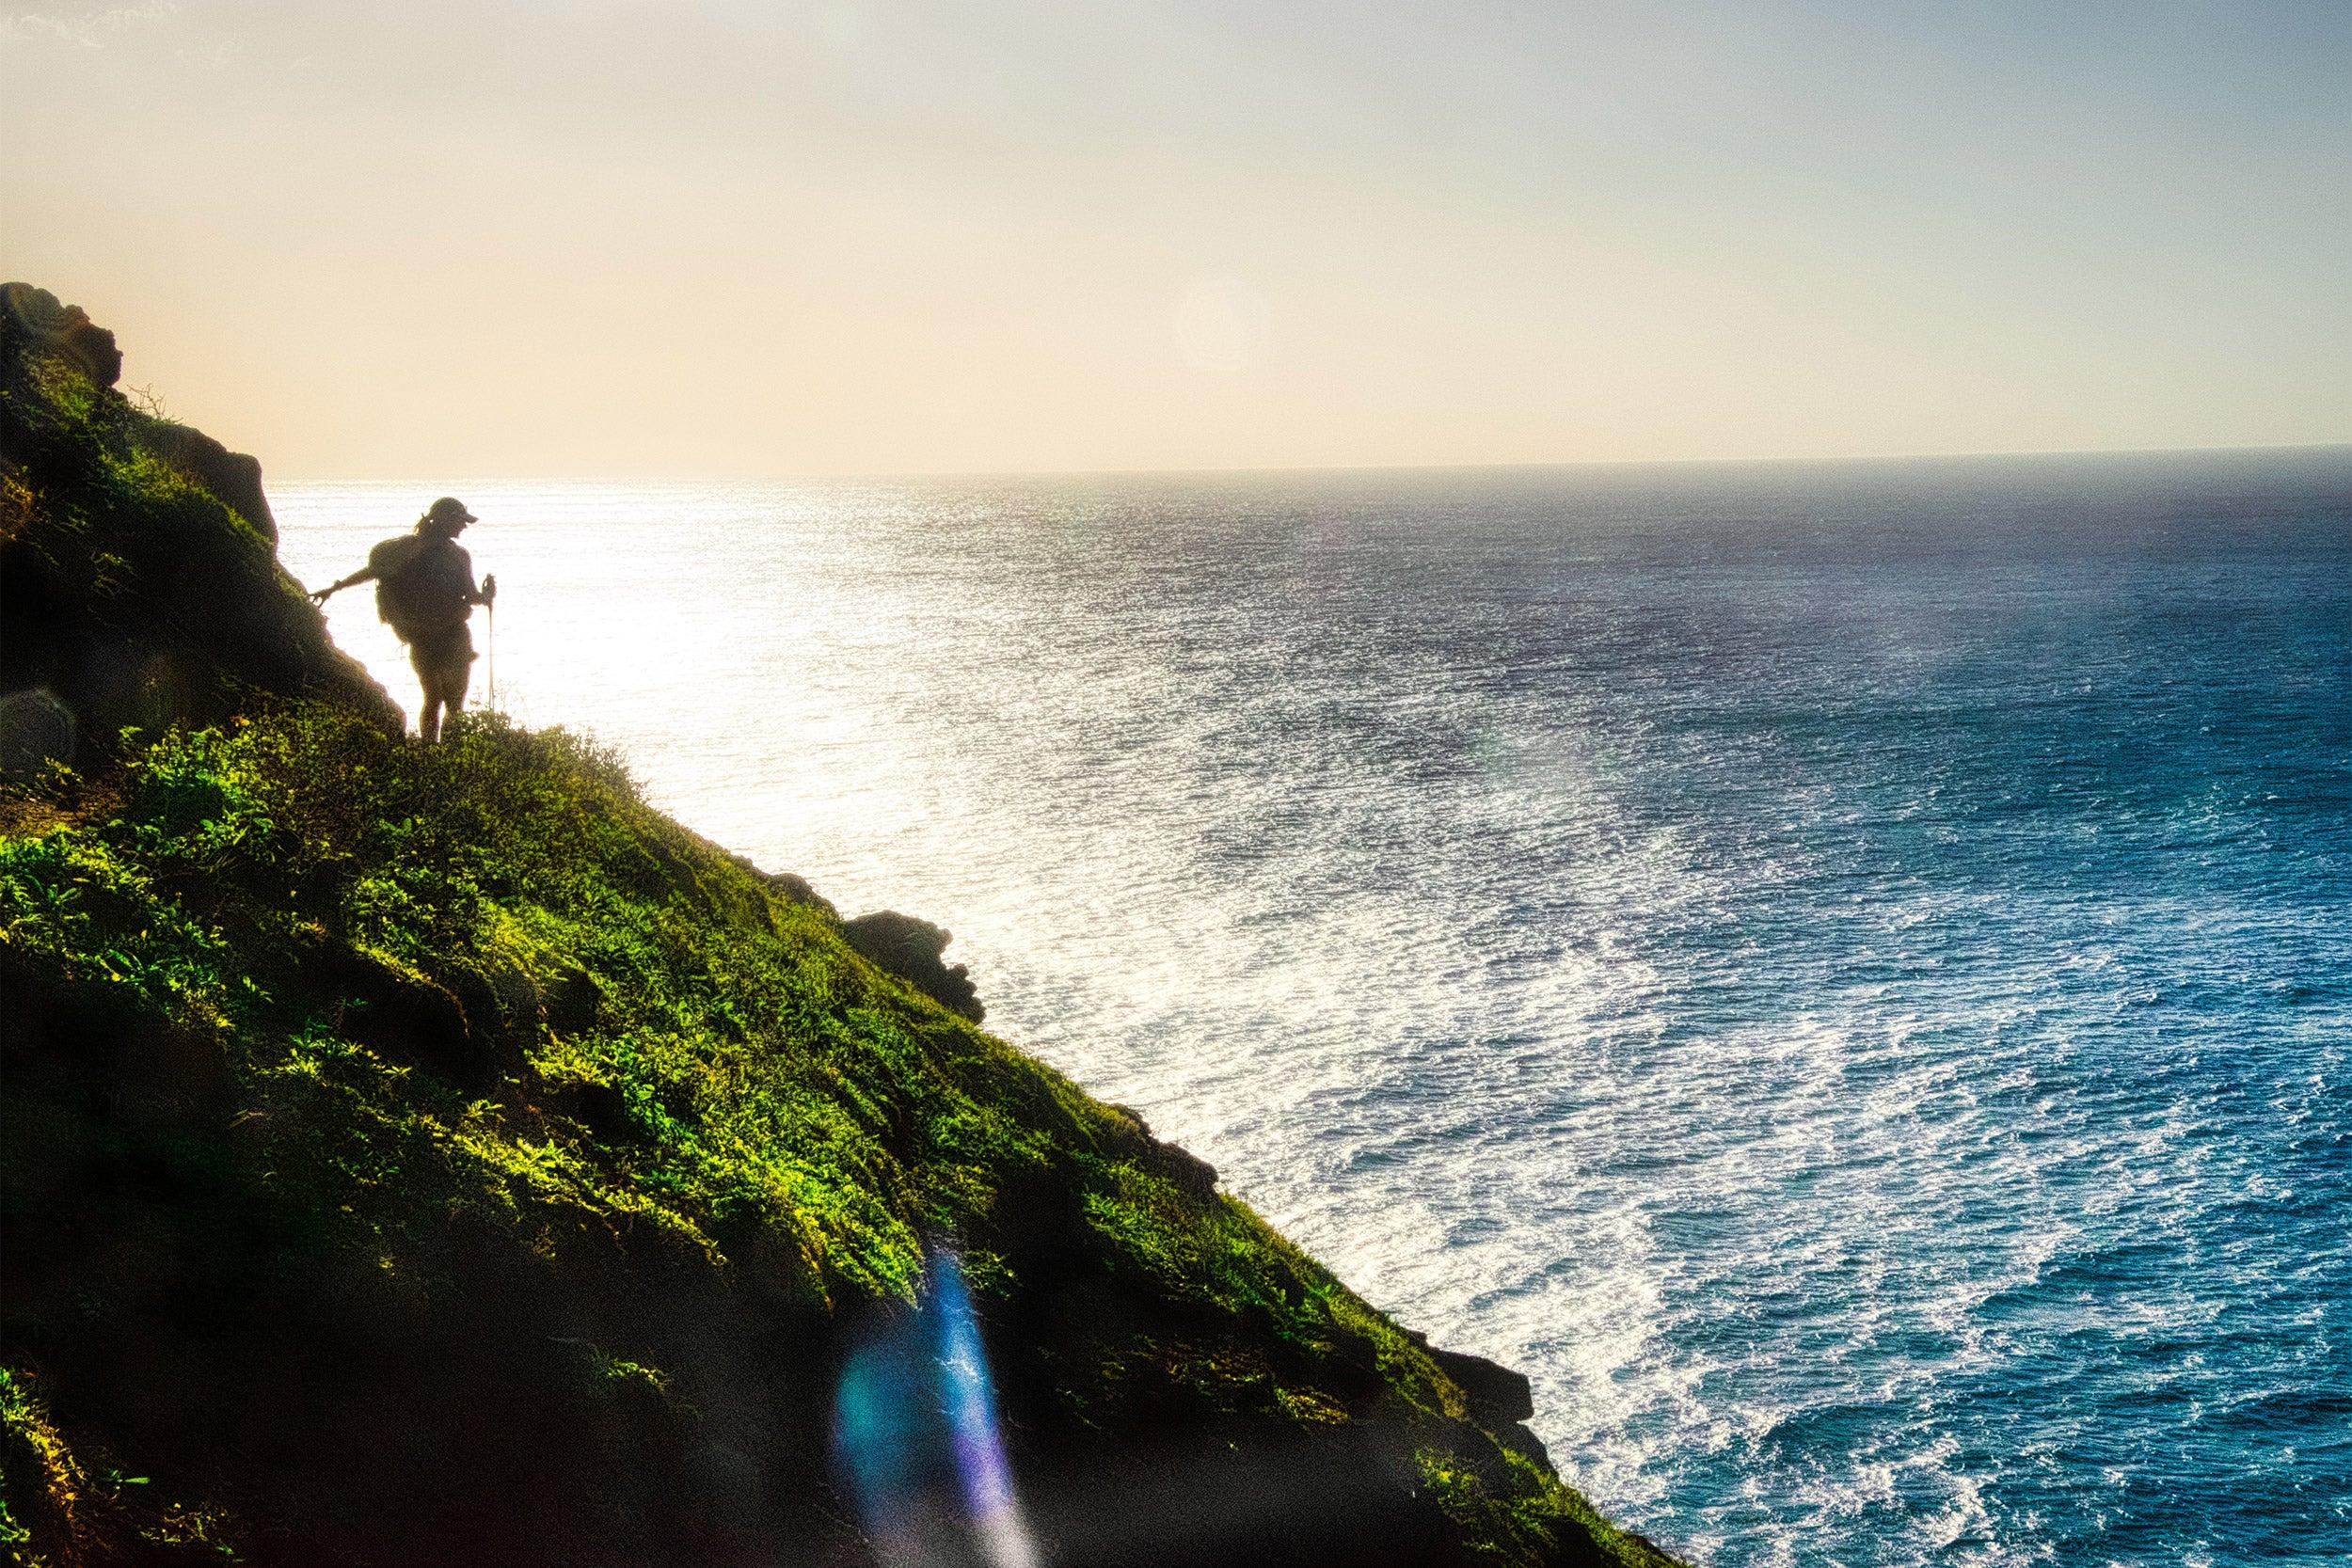 Kirstin Woody Scott on cliff overlooking ocean.